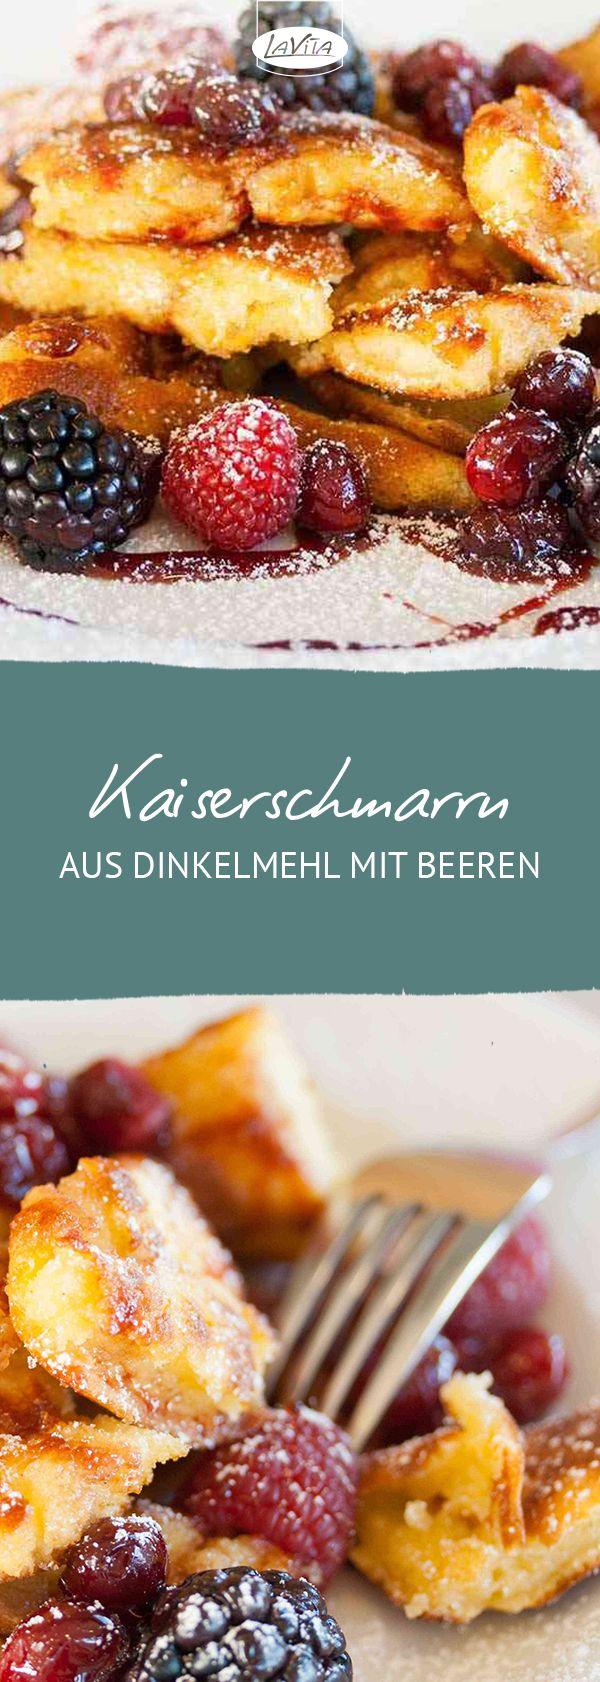 Dinkel-Kaiserschmarrn mit Rotwein-Cranberrysoße, Beeren und Apfelmus